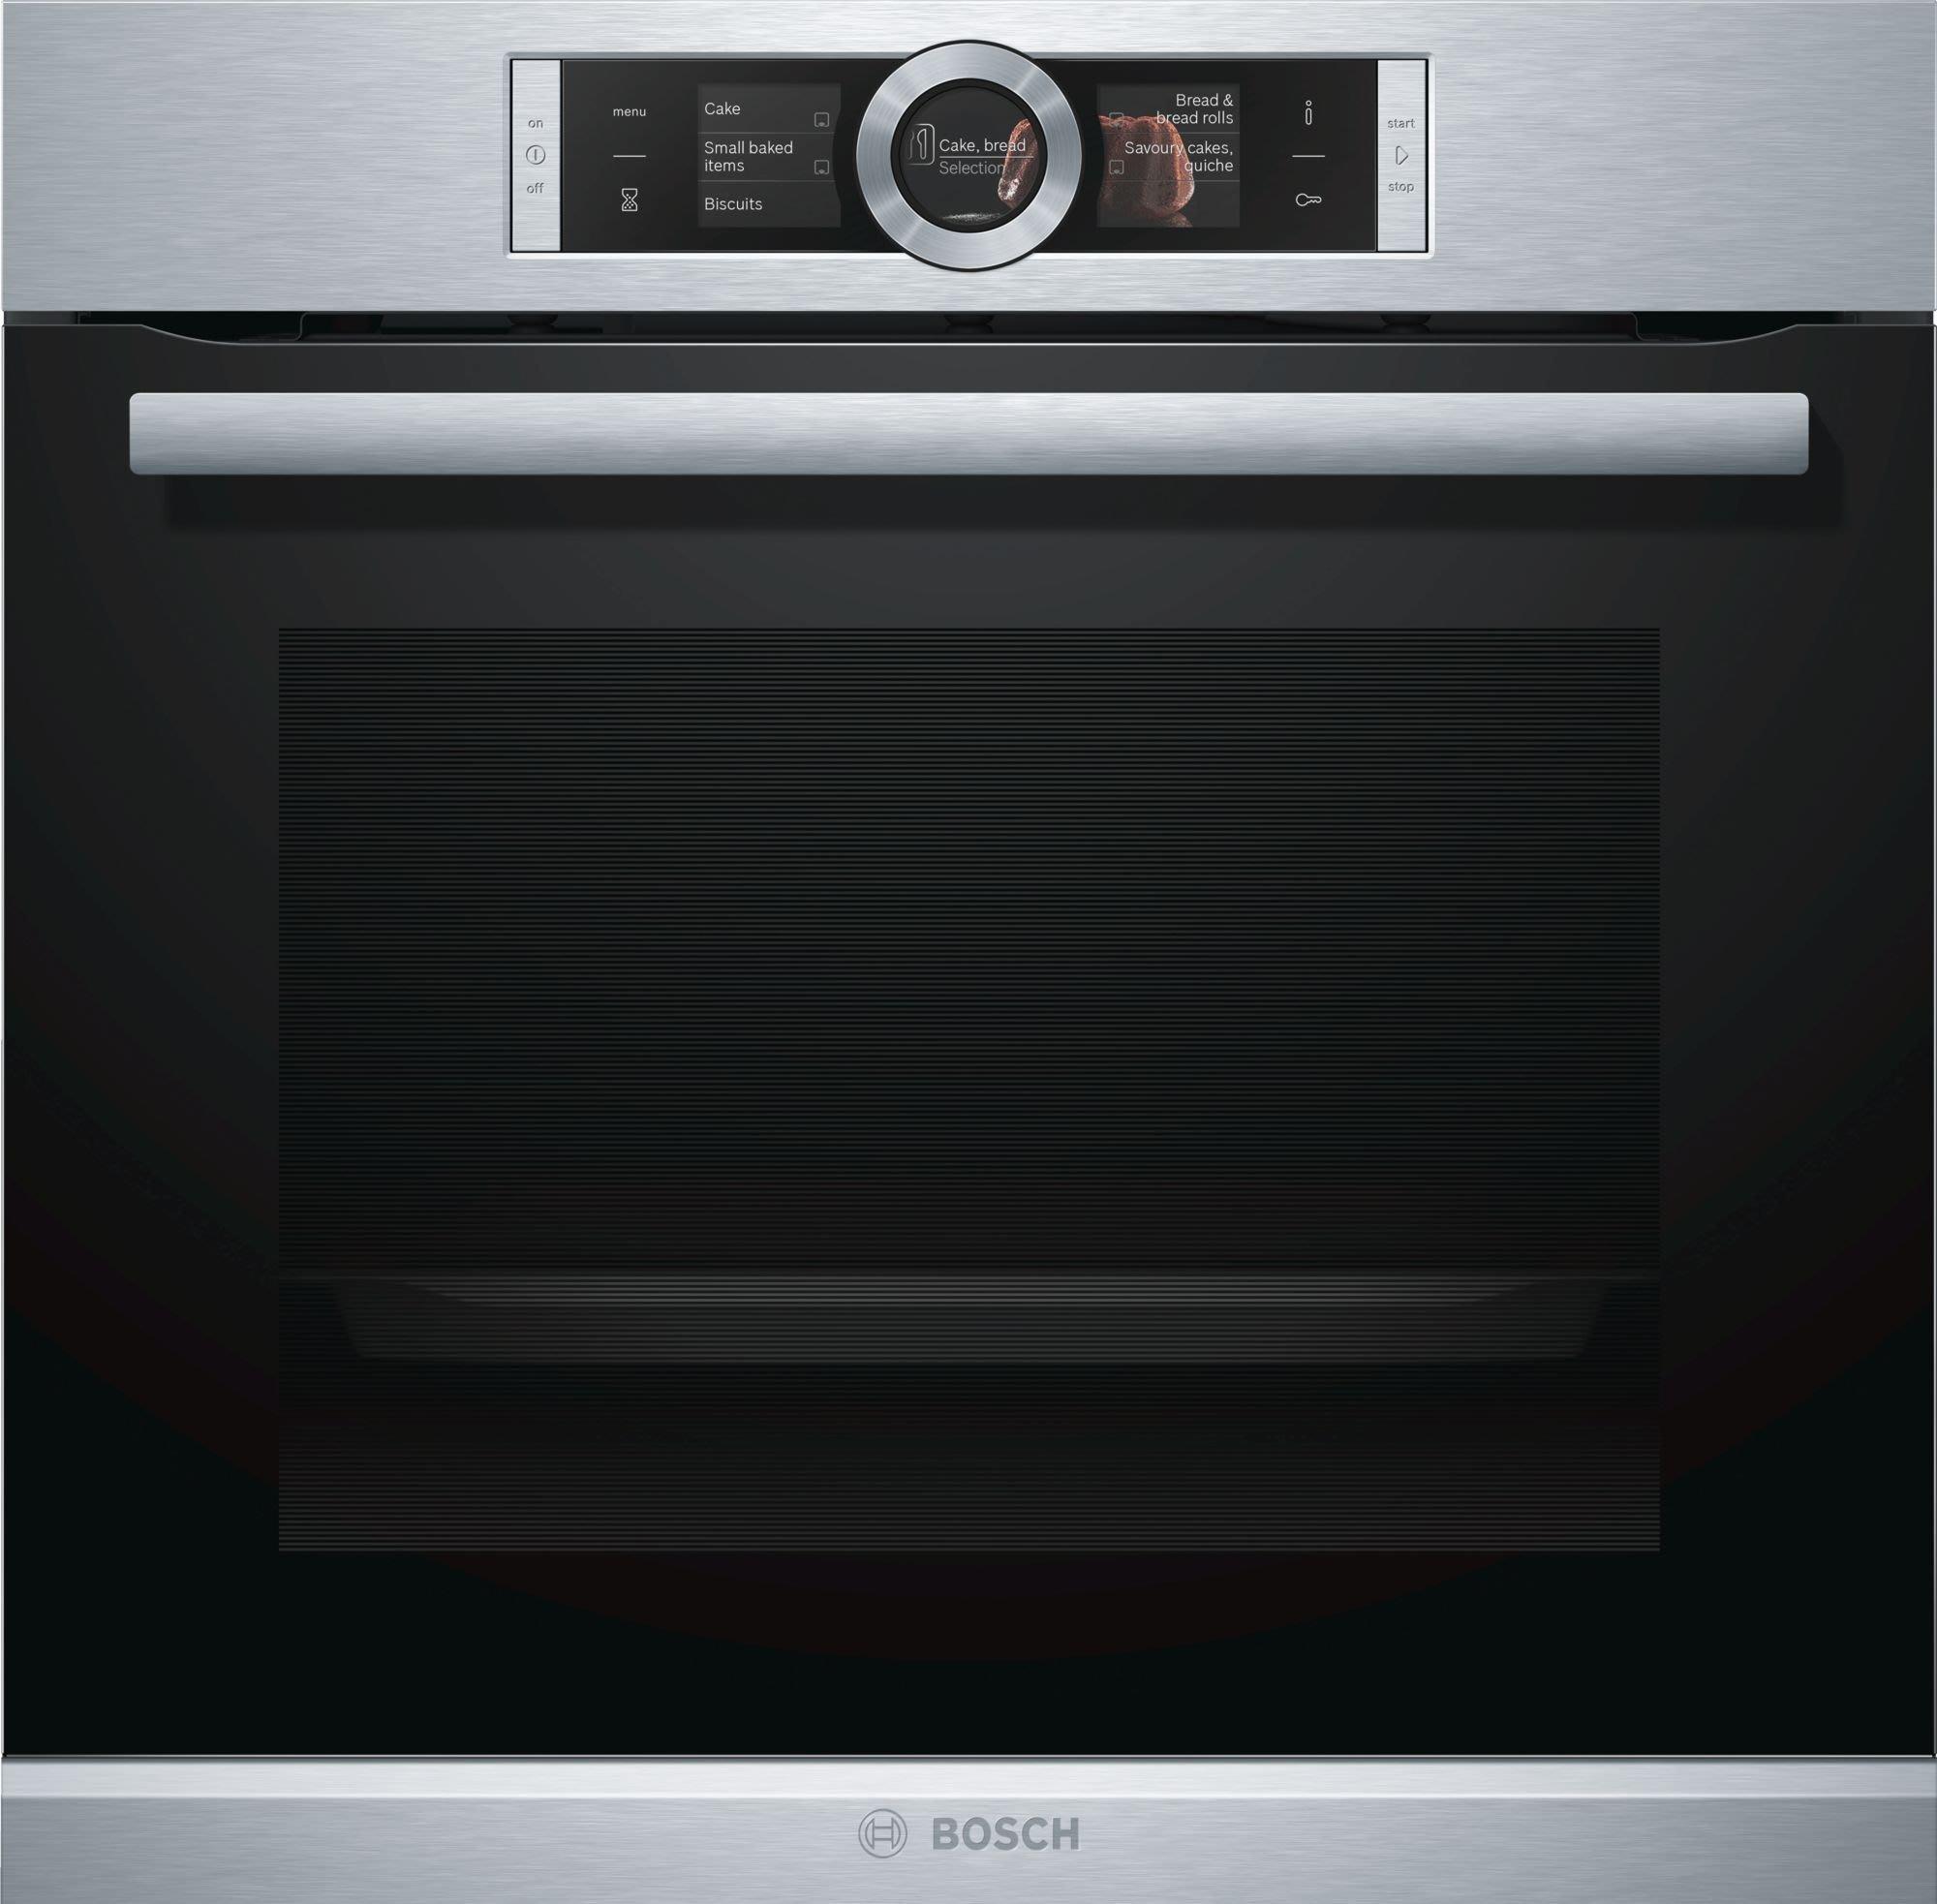 BOSCH 德國博世 HBG656BS1 烤箱